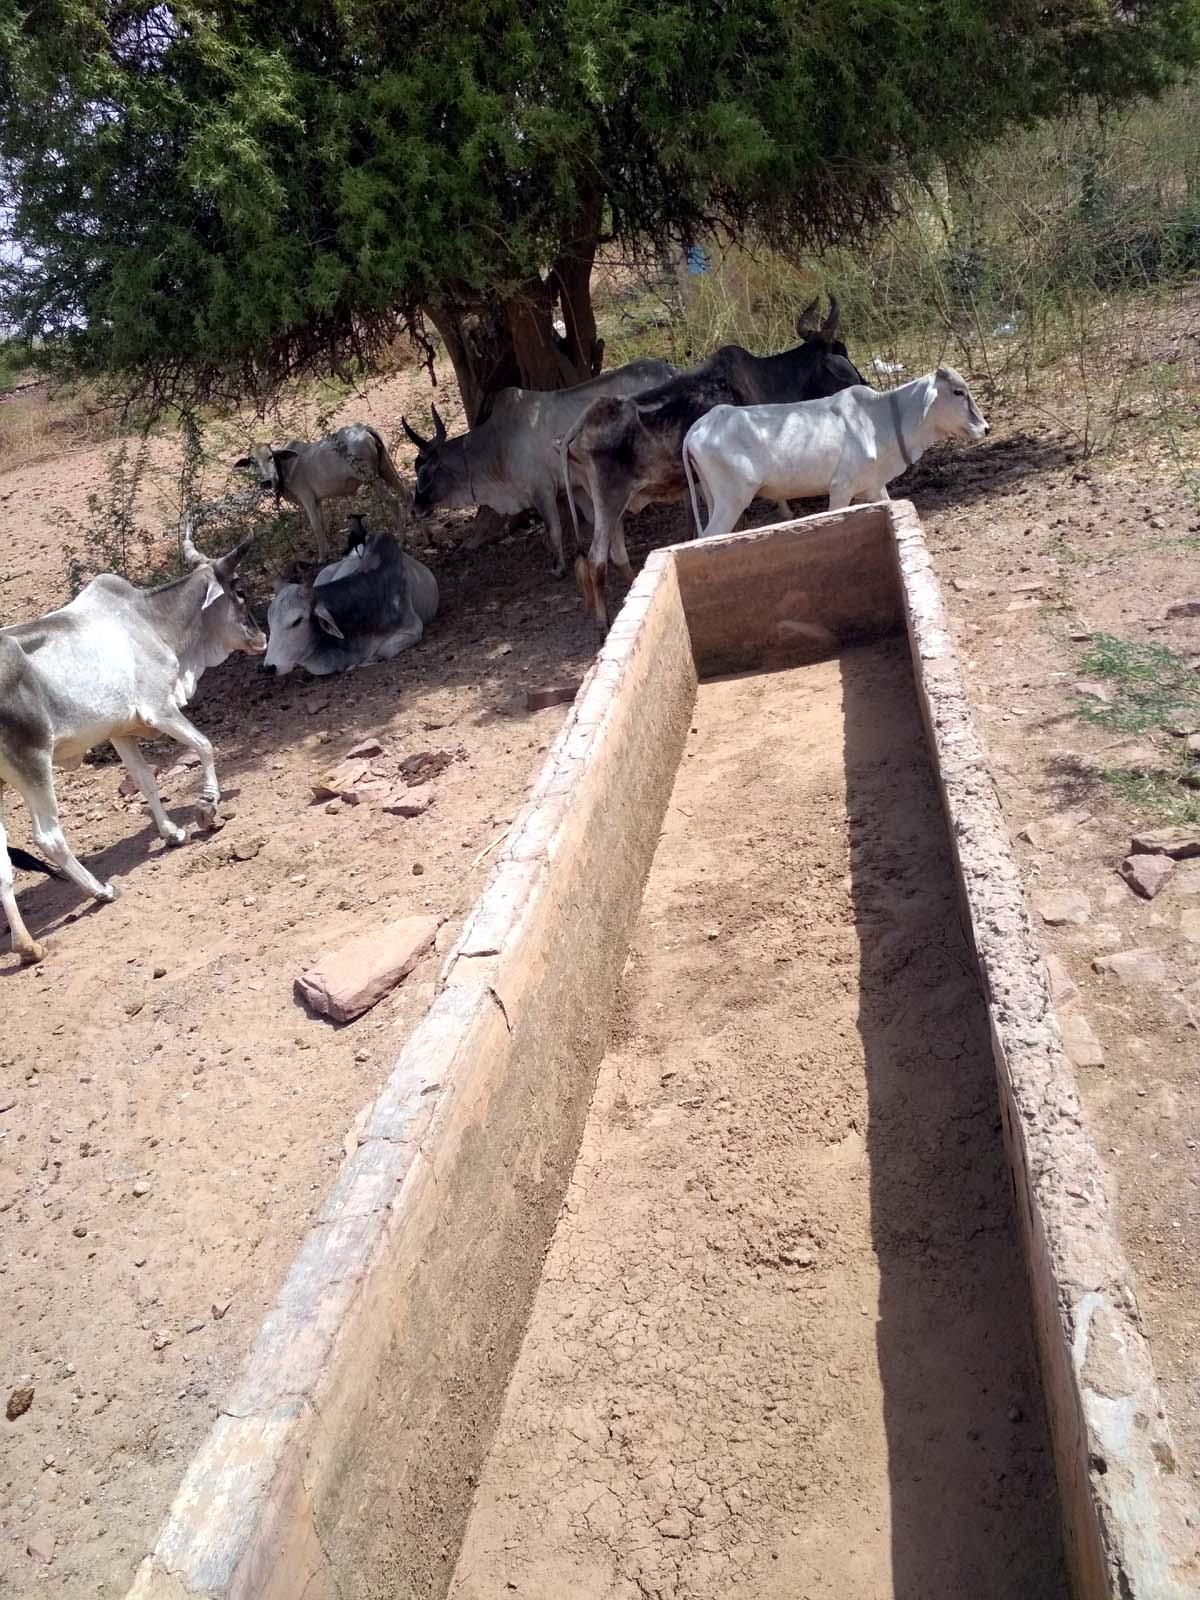 JAISALMER NEWS- डेढ़ दशक से पानी को तरसता राजस्थान का यह गांव, इतने महंगे दामों में बुझ रही प्यास